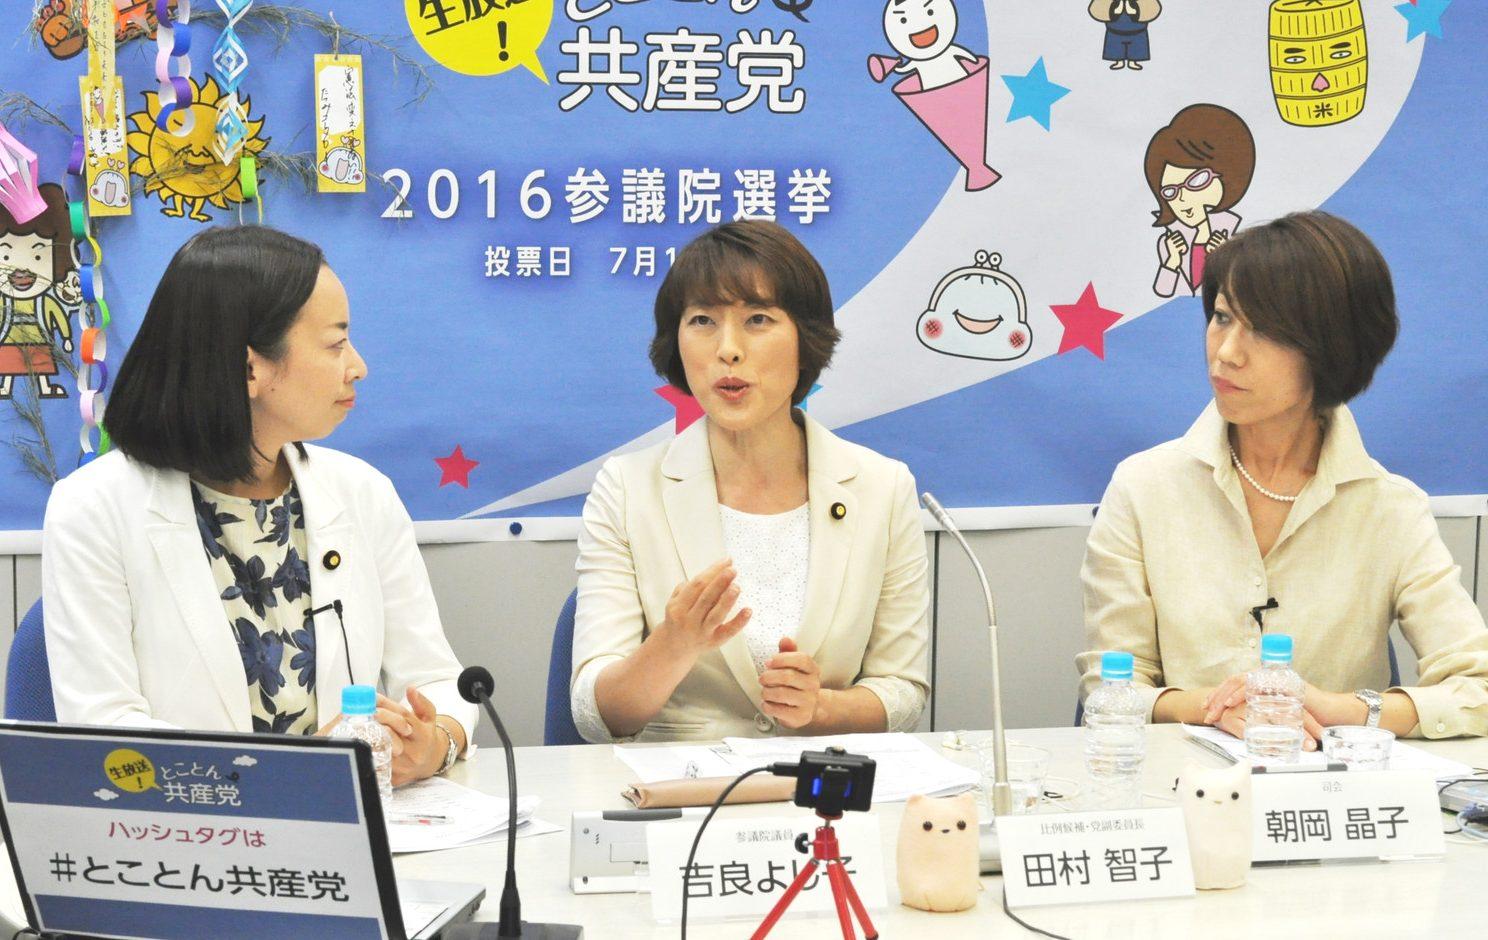 田村比例候補が出演「とことん共産党」